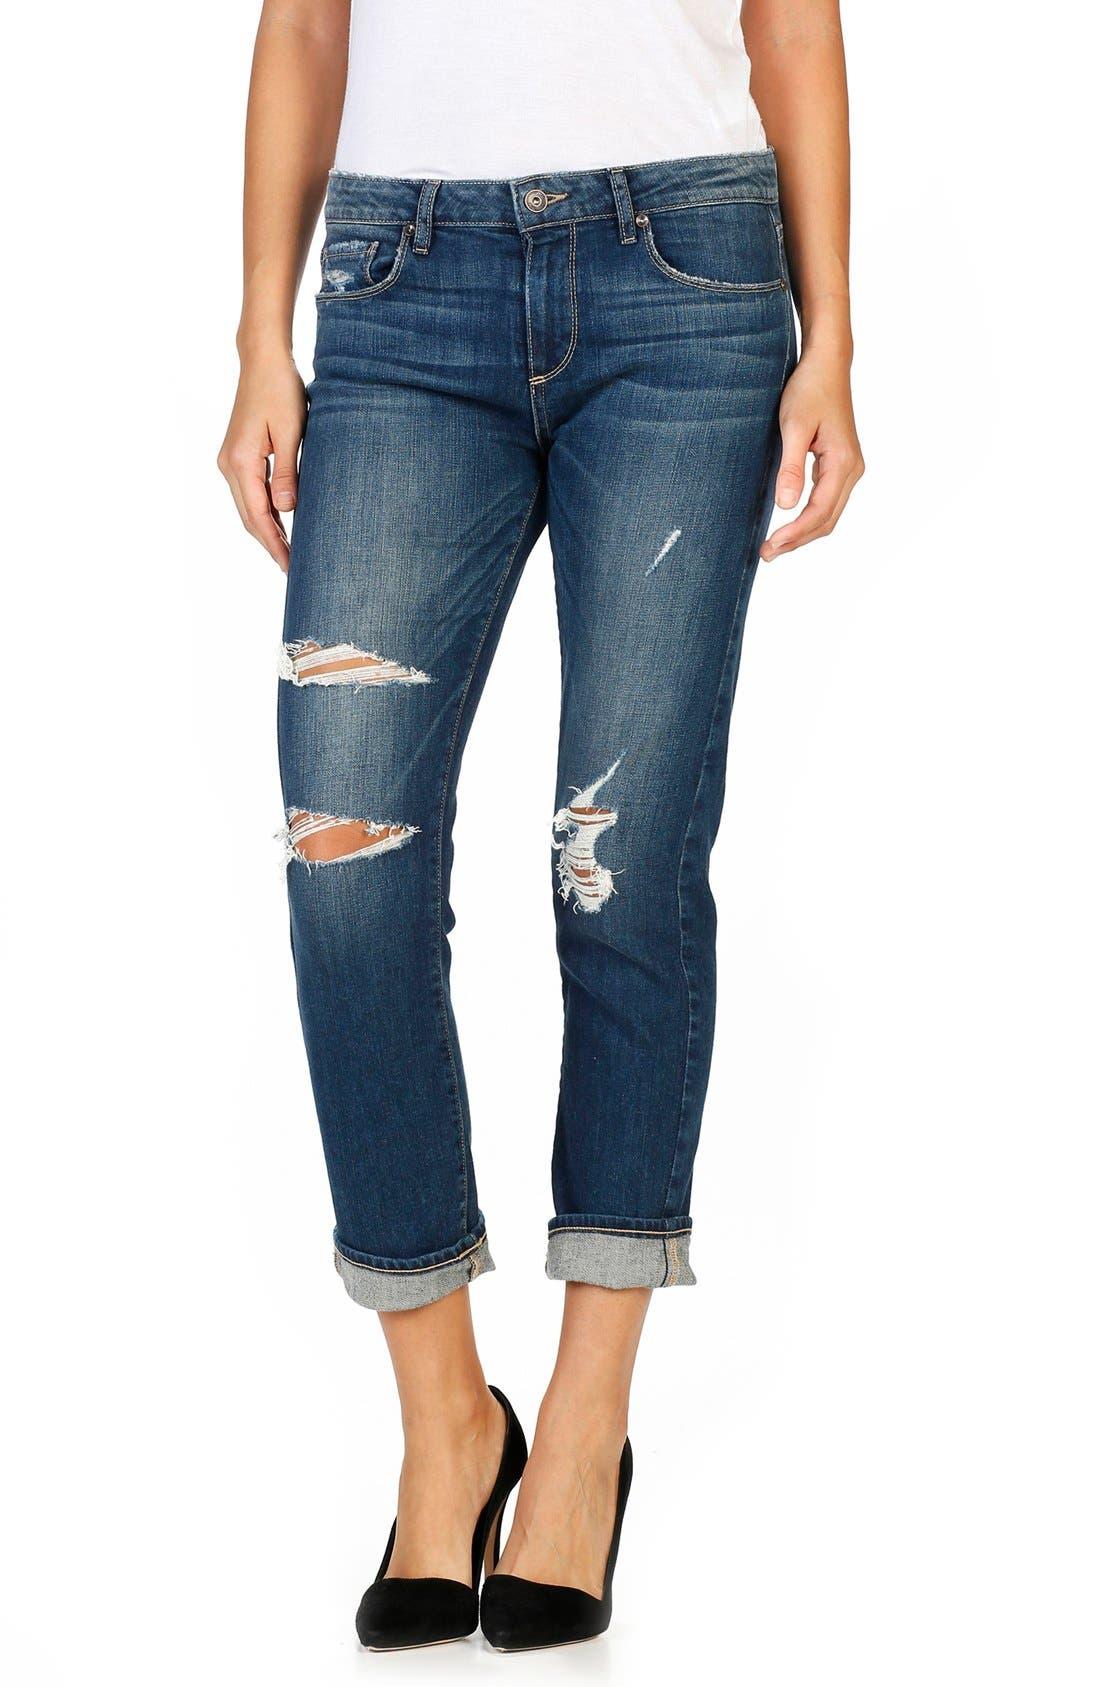 PAIGE Brigitte Crop Boyfriend Jeans (Lala Destructed) (Nordstrom Exclusive)